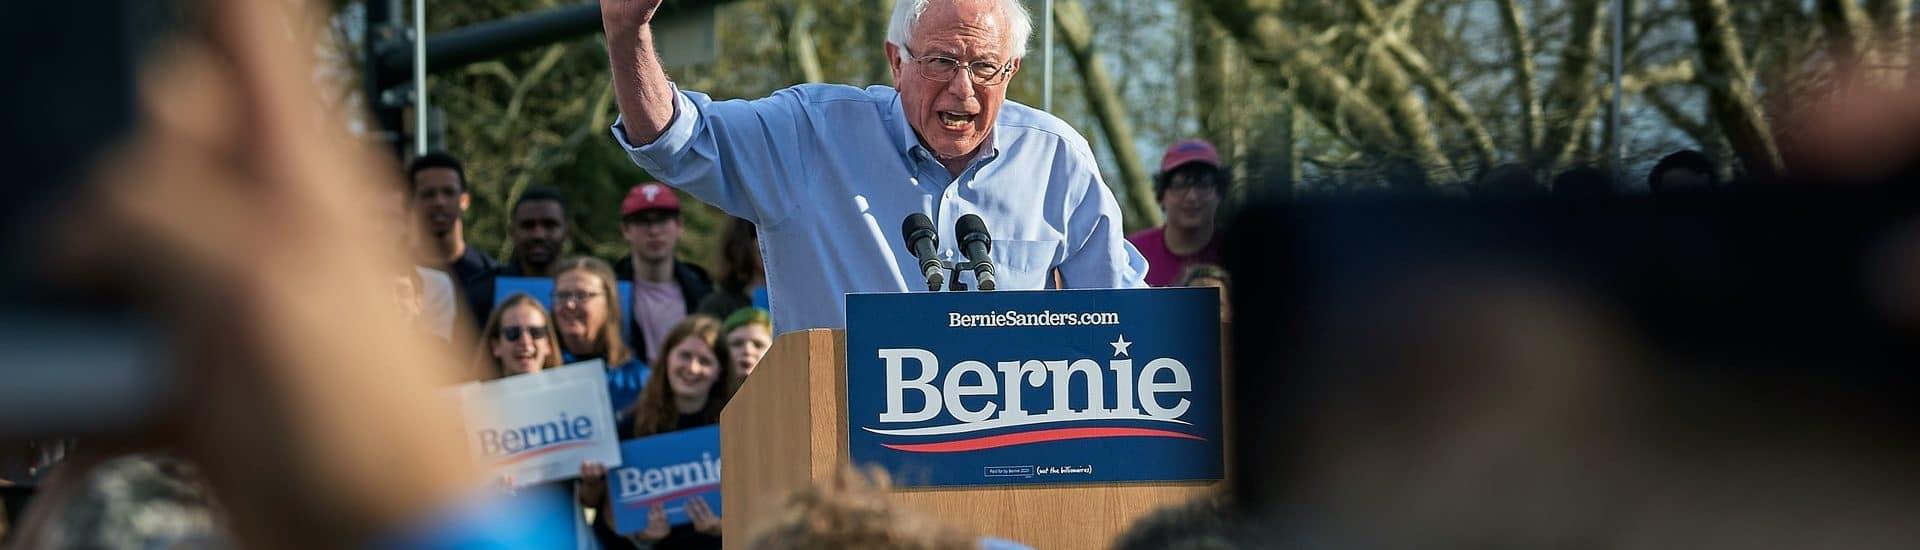 ΗΠΑ: Ο Σάντερς και το κόμμα που χρειάζεται η εργατική τάξη